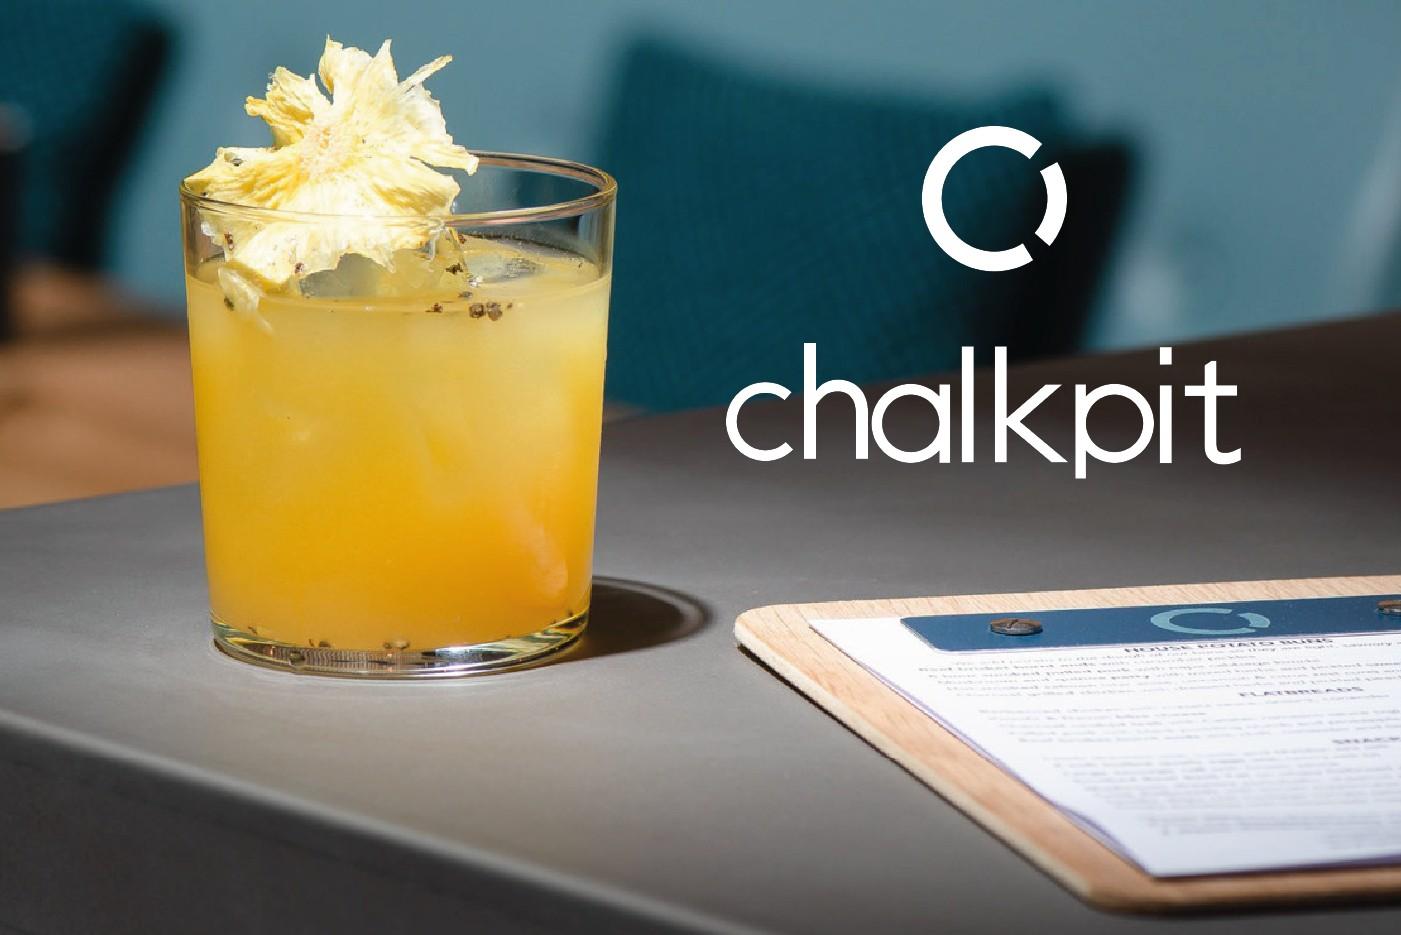 Chalkpit